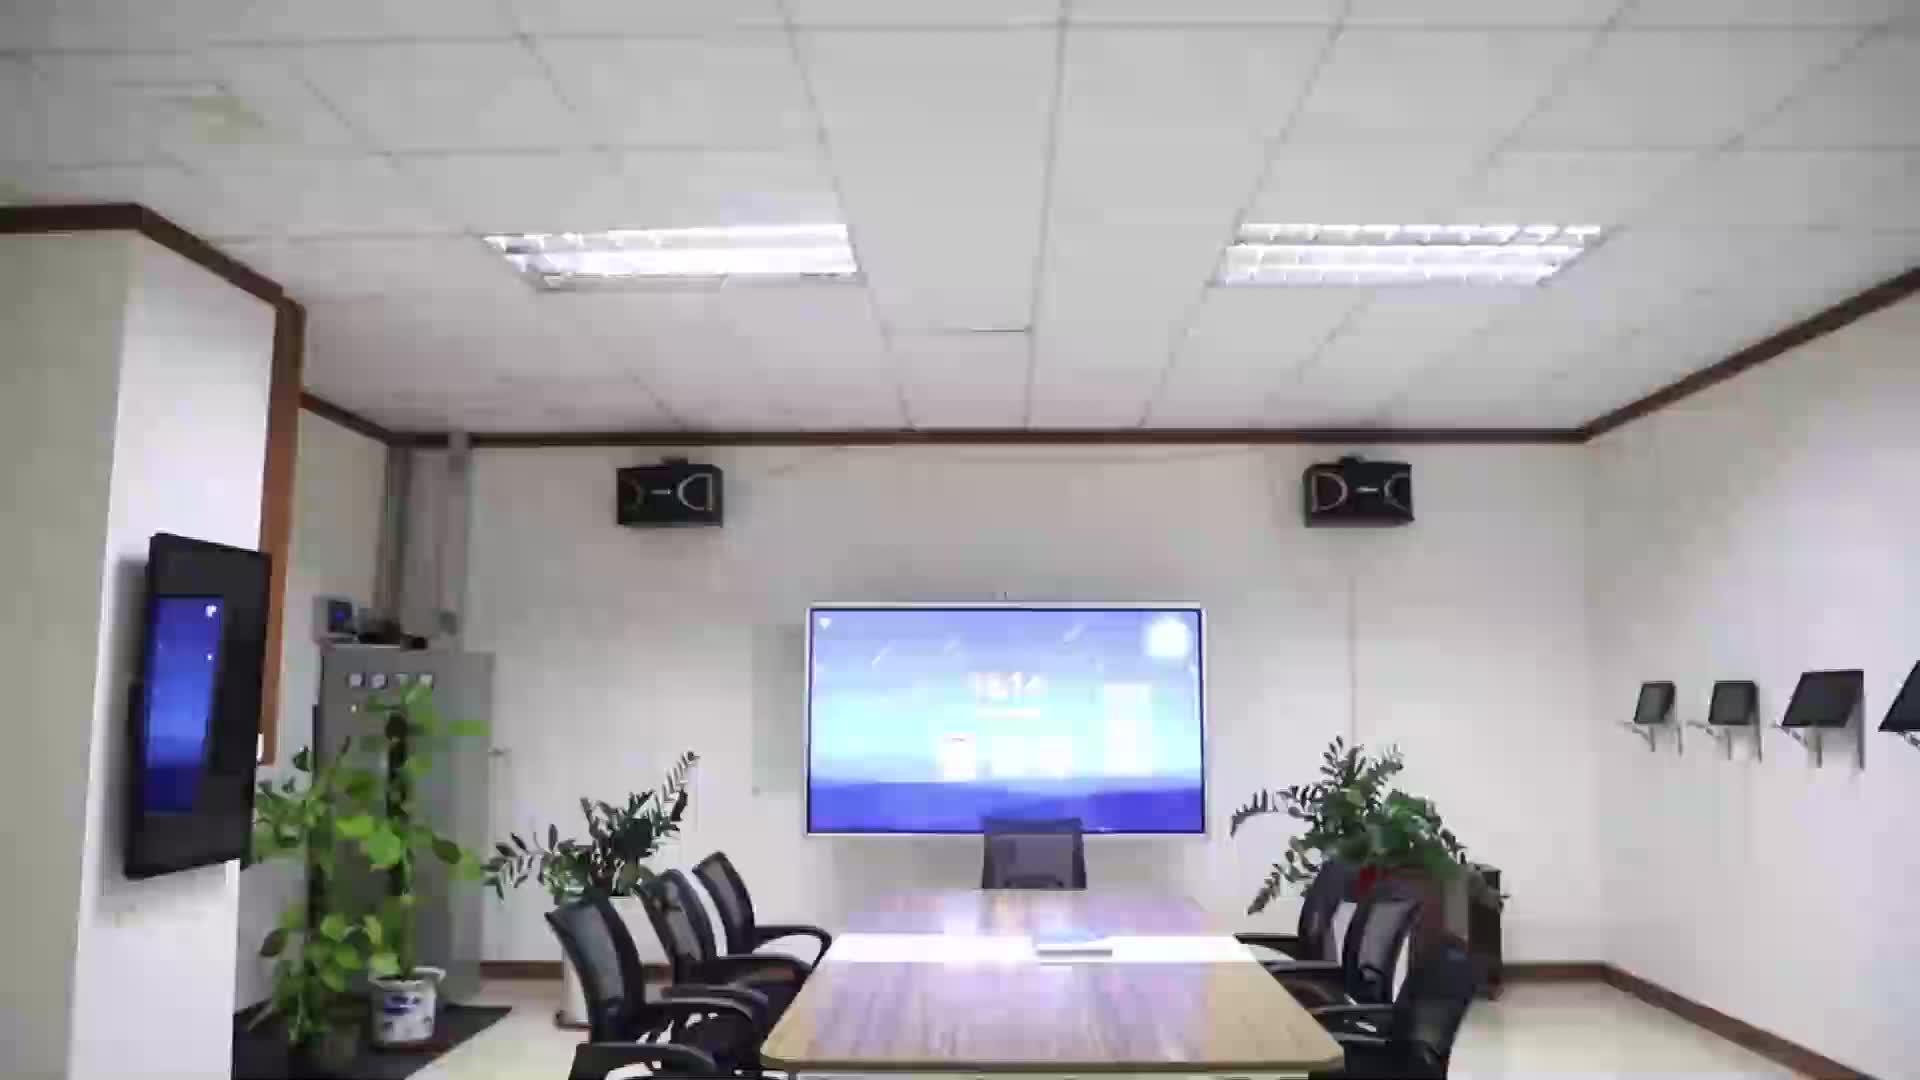 43 pulgadas LCD TV pantalla táctil marco abierto monitor incorporado 16:9 Resolución 1920*1080